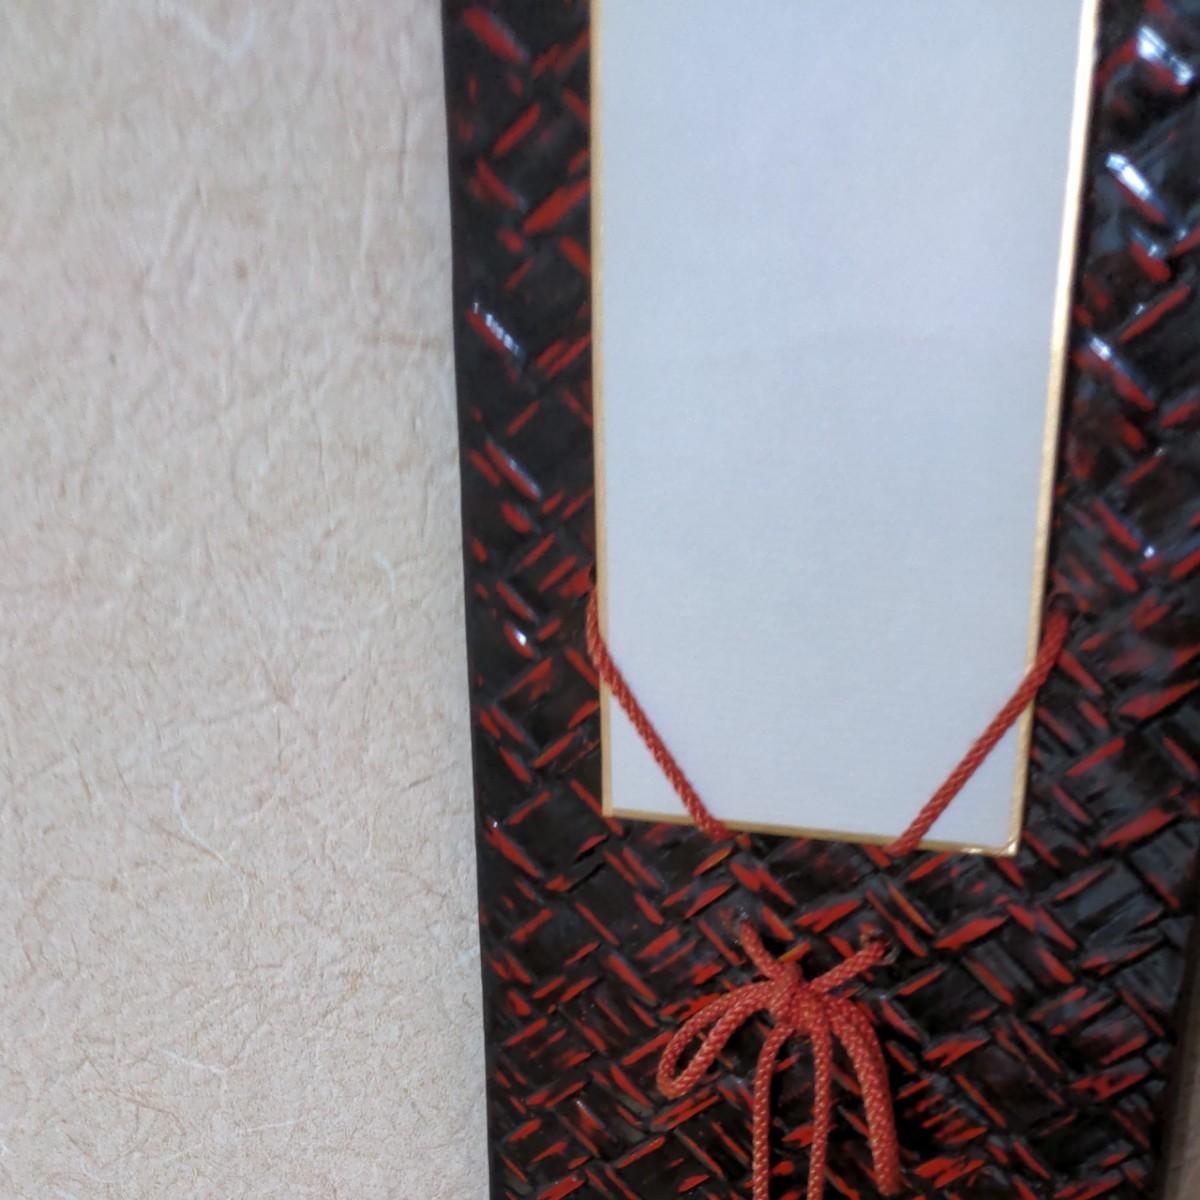 お蔵出しの品です。掛け軸高価な額縁入り。 もみじにスズメの絵柄です